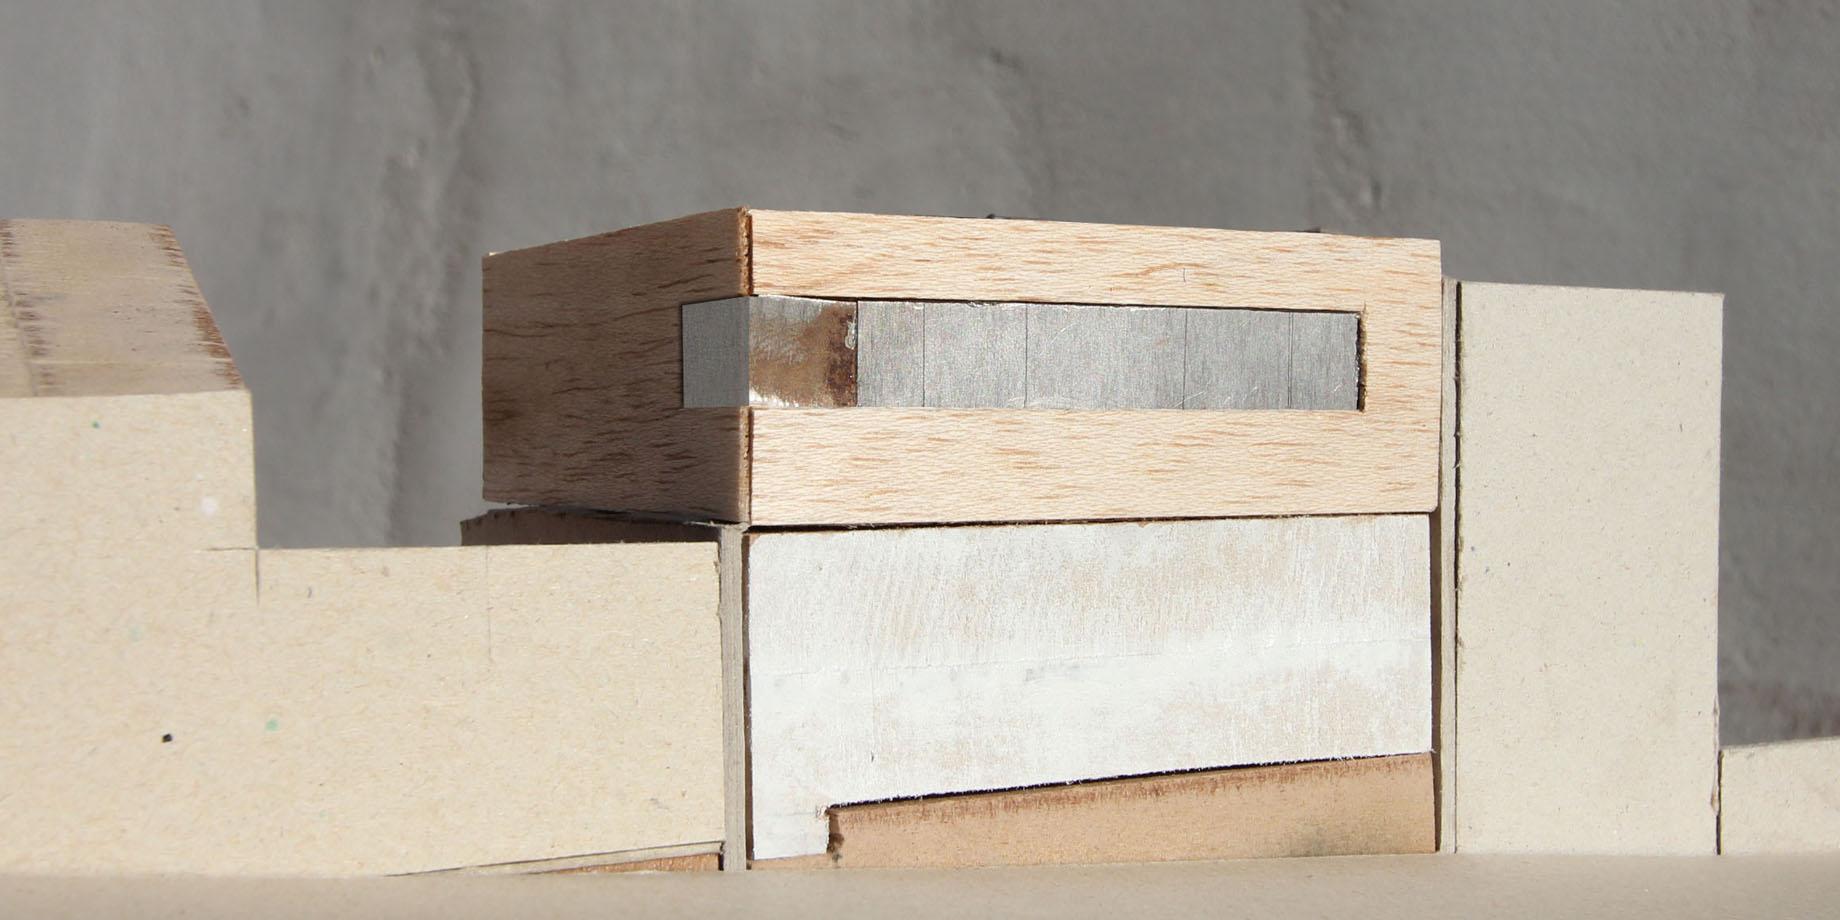 maskarade-architecture-surelevation-maison-individuelle-bois-zinc-maquette